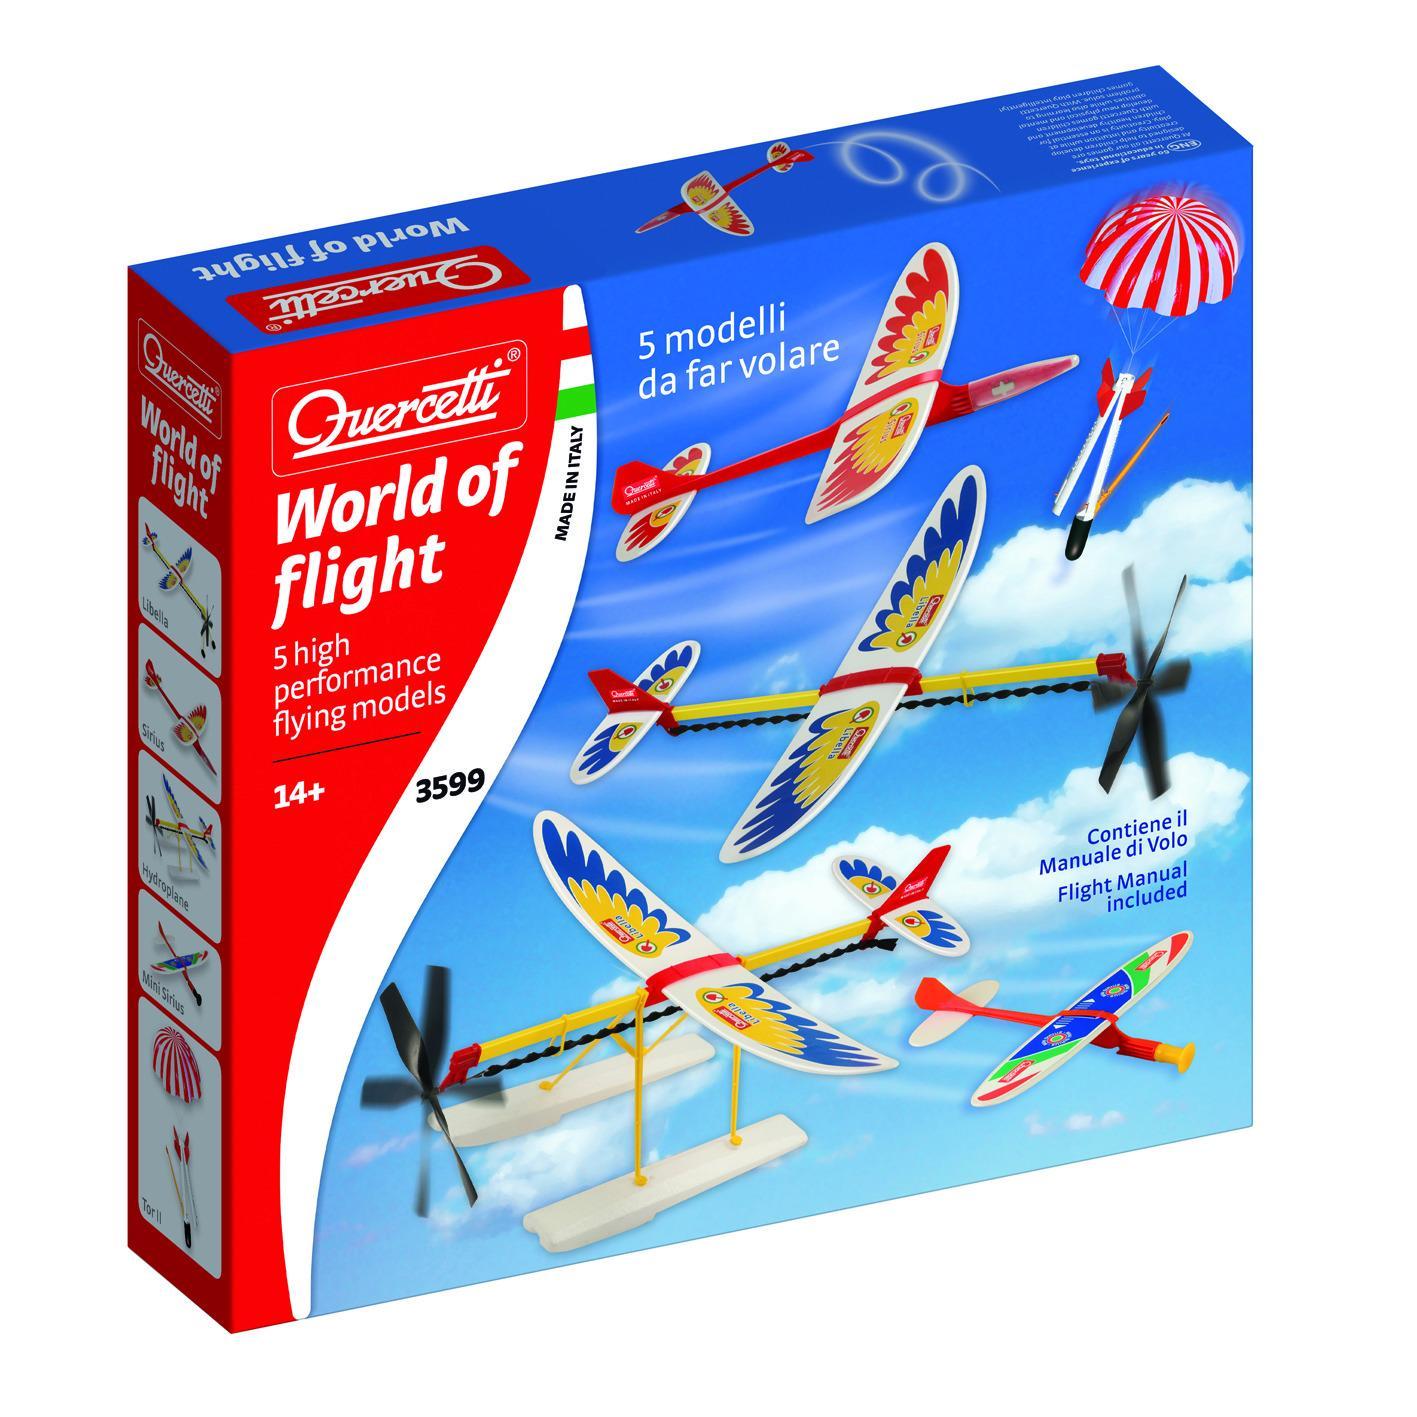 QUERCETTI SET DI AEREI DA LANCIO, A PROPULSIONE E NON SOLO: WORLD OF FLIGHT 3599